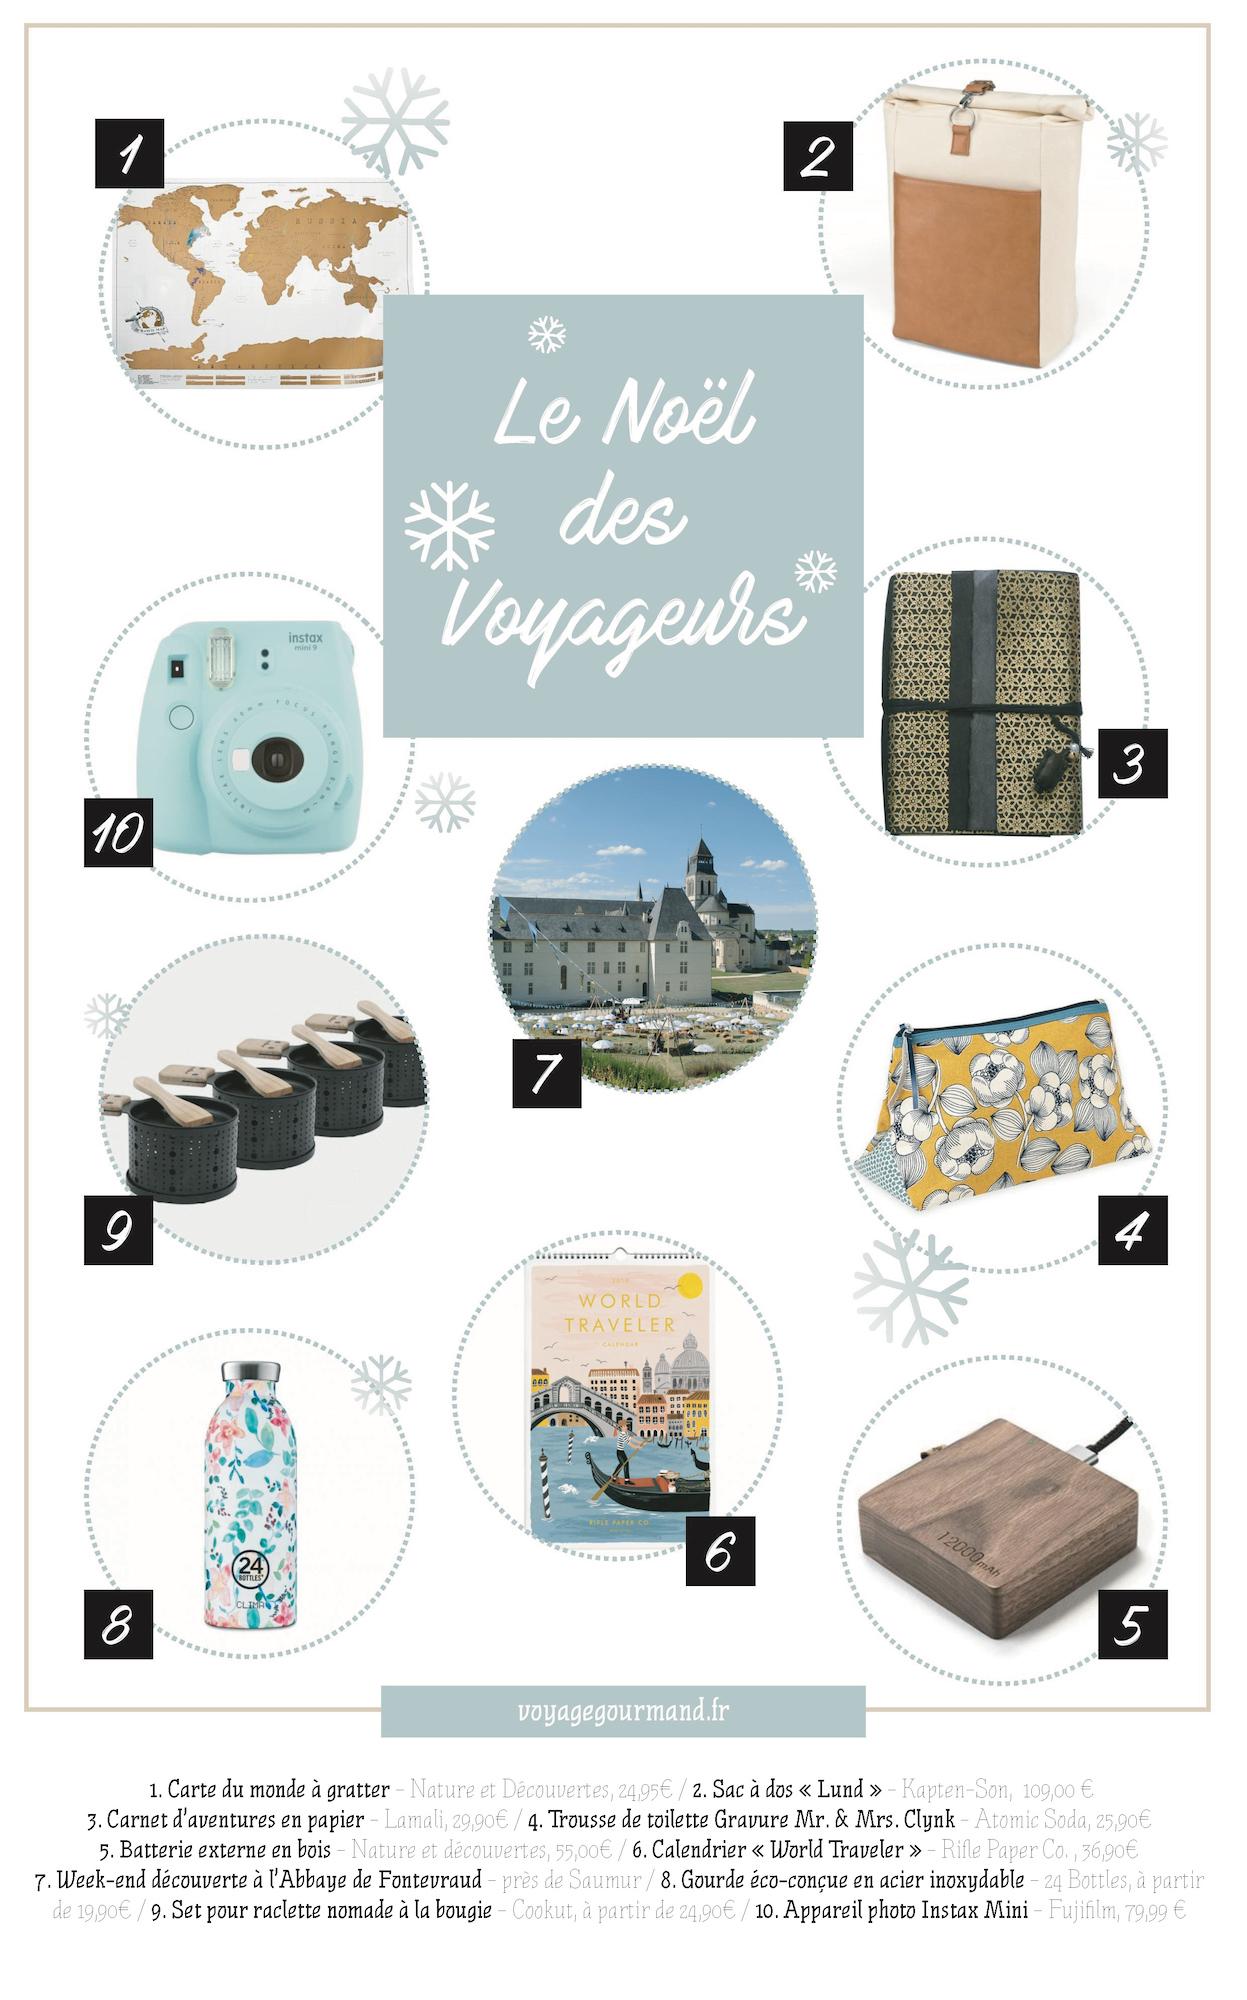 Wishlist de Noël pour les voyageurs, 10 idées cadeaux